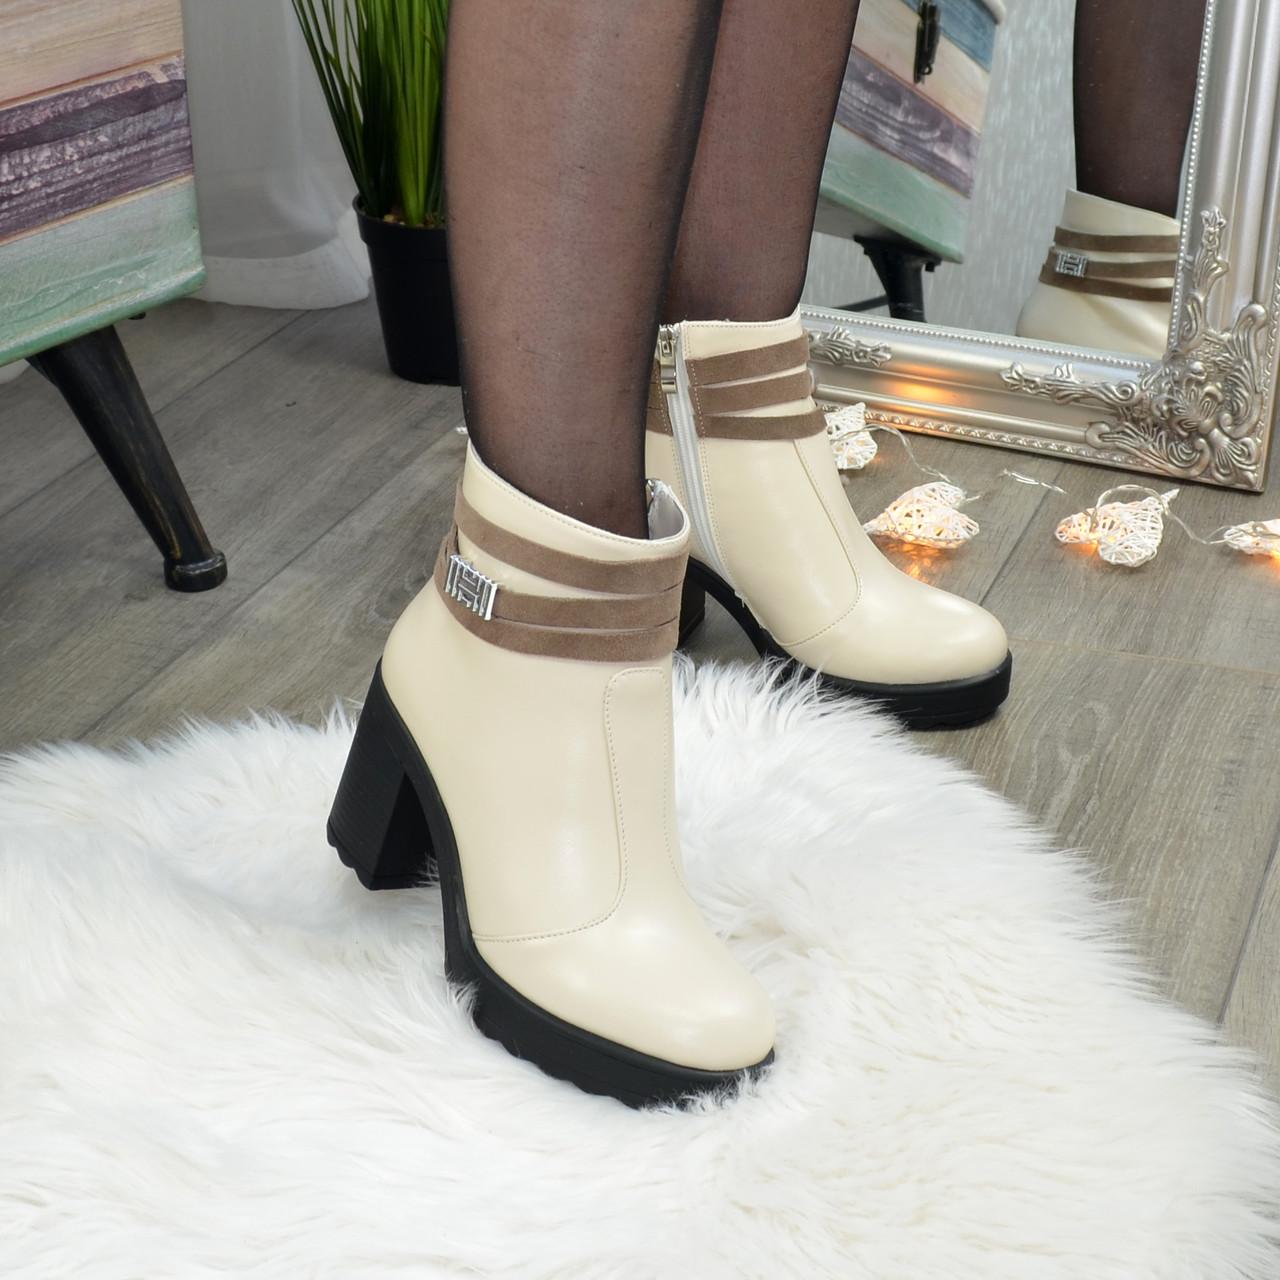 Ботинки женские кожаные на устойчивом каблуке. Цвет бежевый